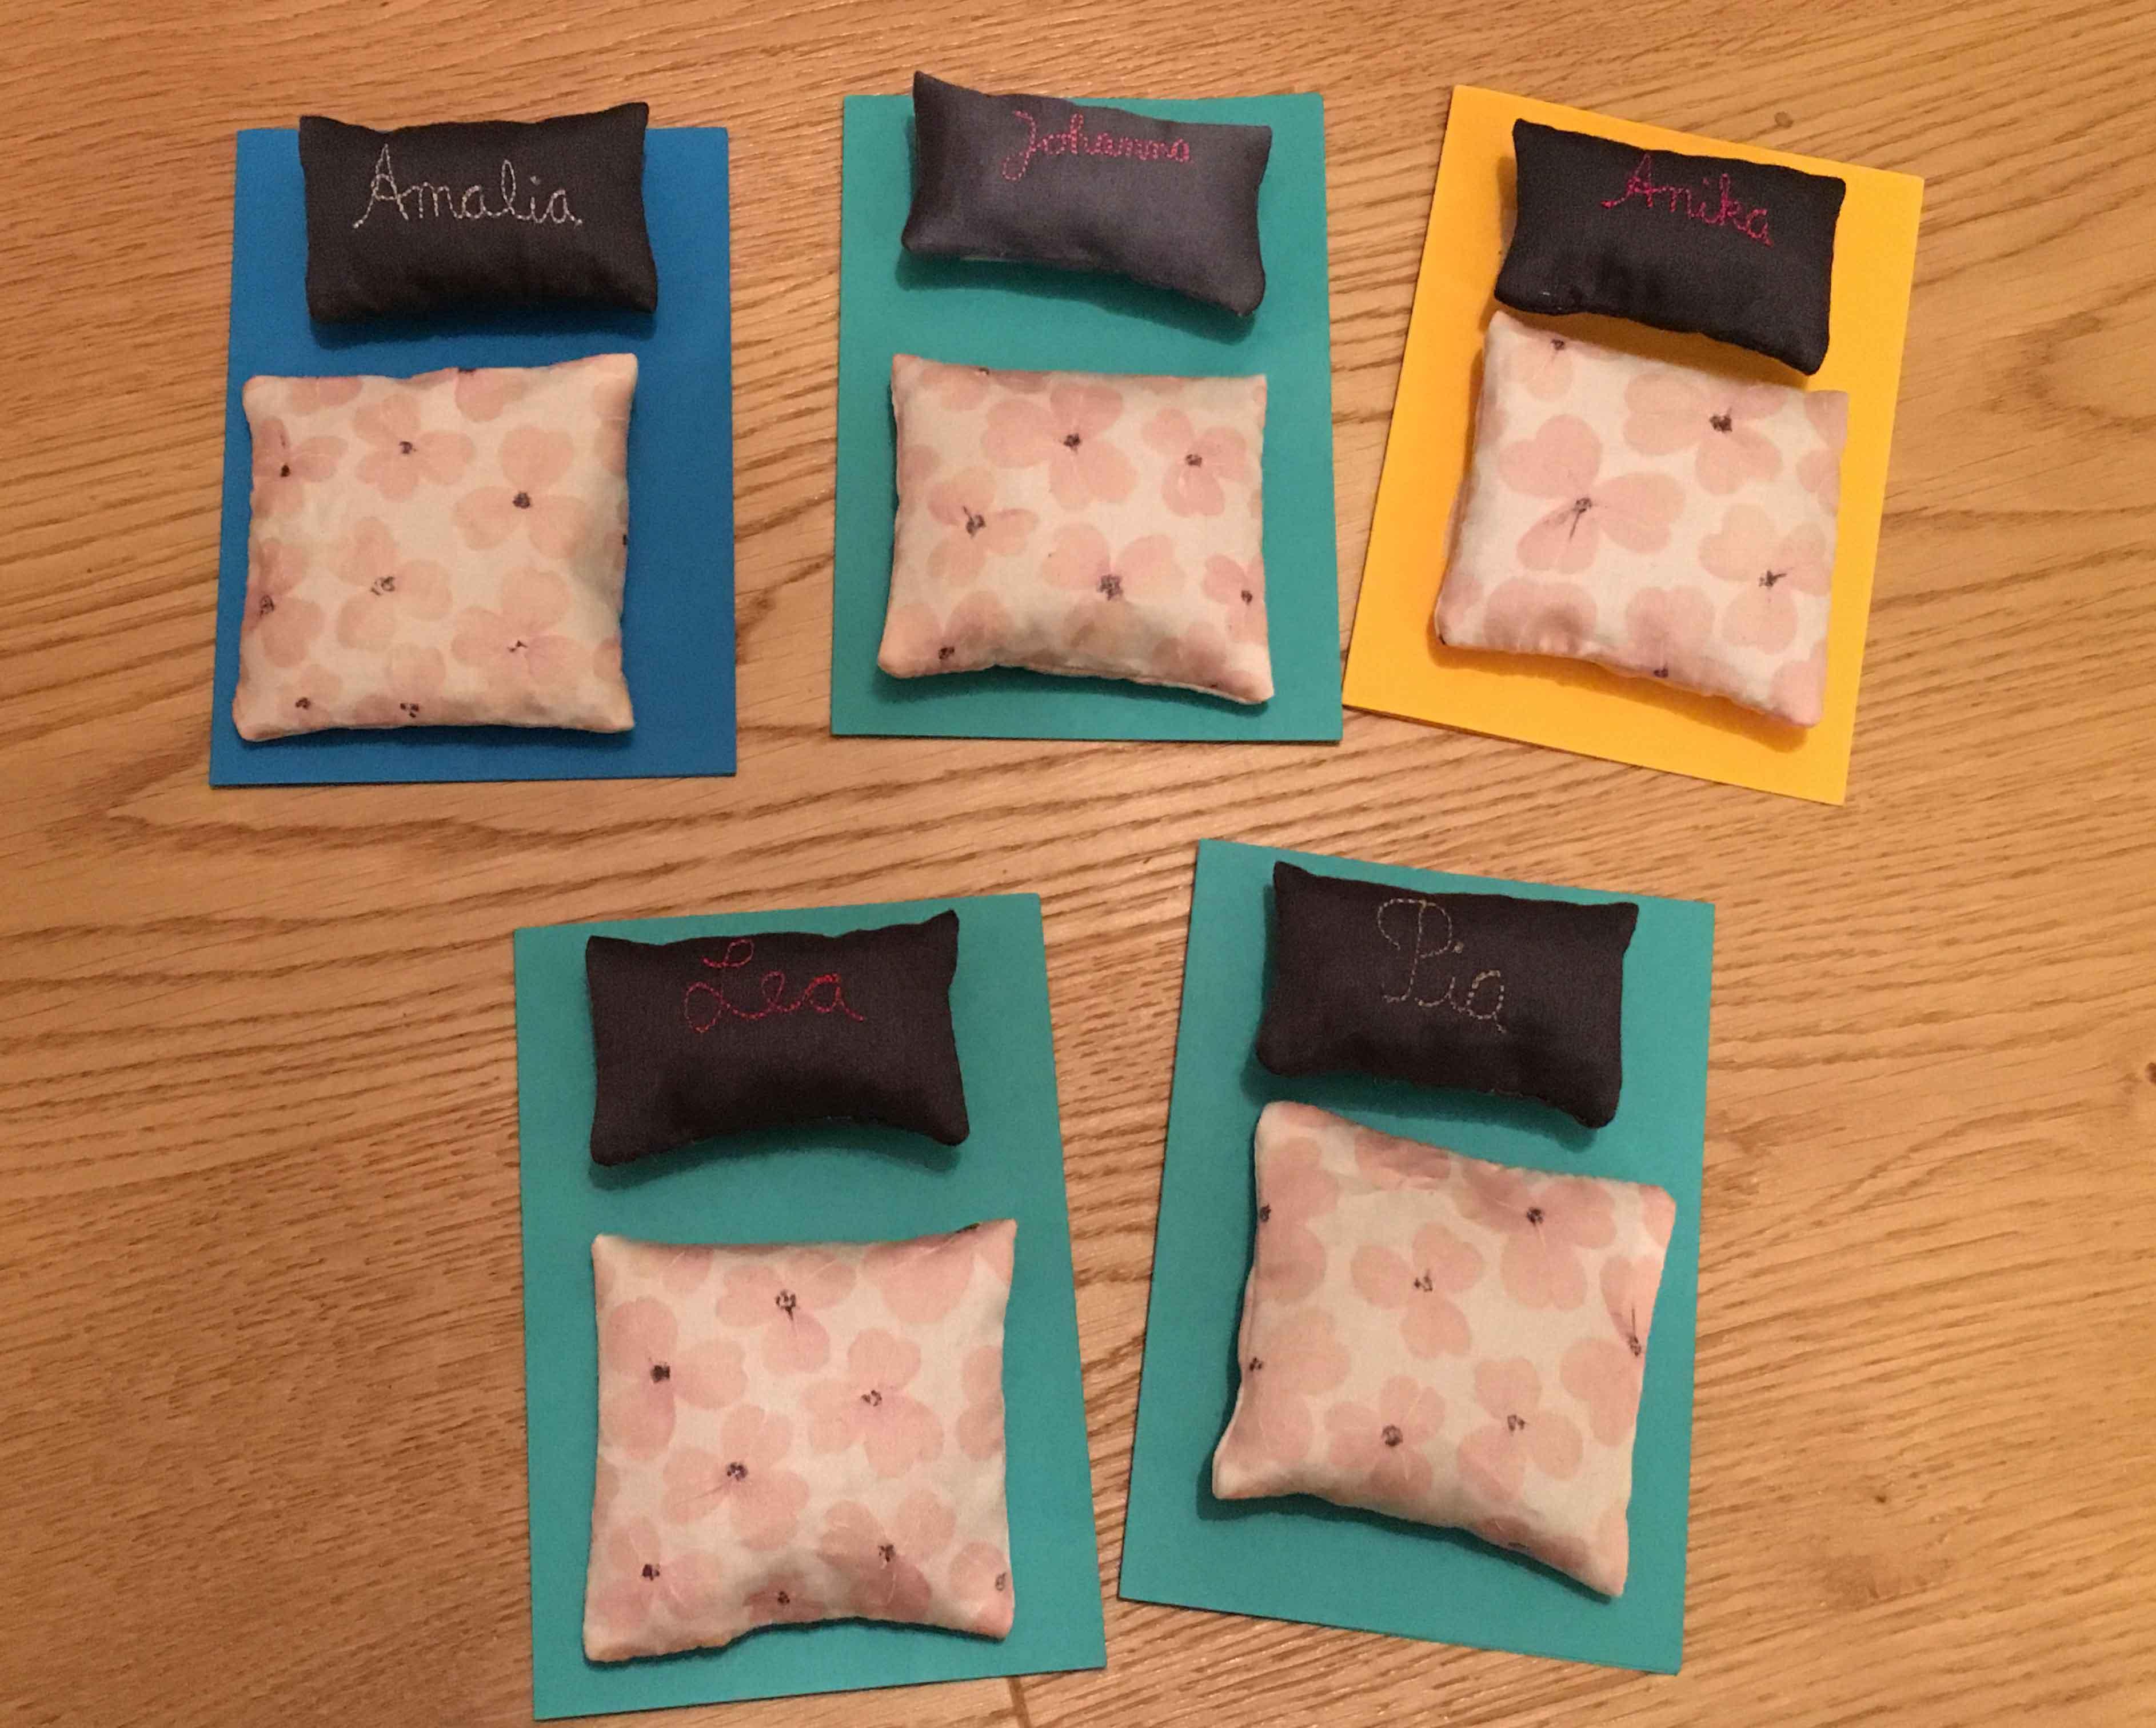 Roetsch Einladungen Uebernachtungsparty   Mit Lavendel Gefüllte Bettdecken